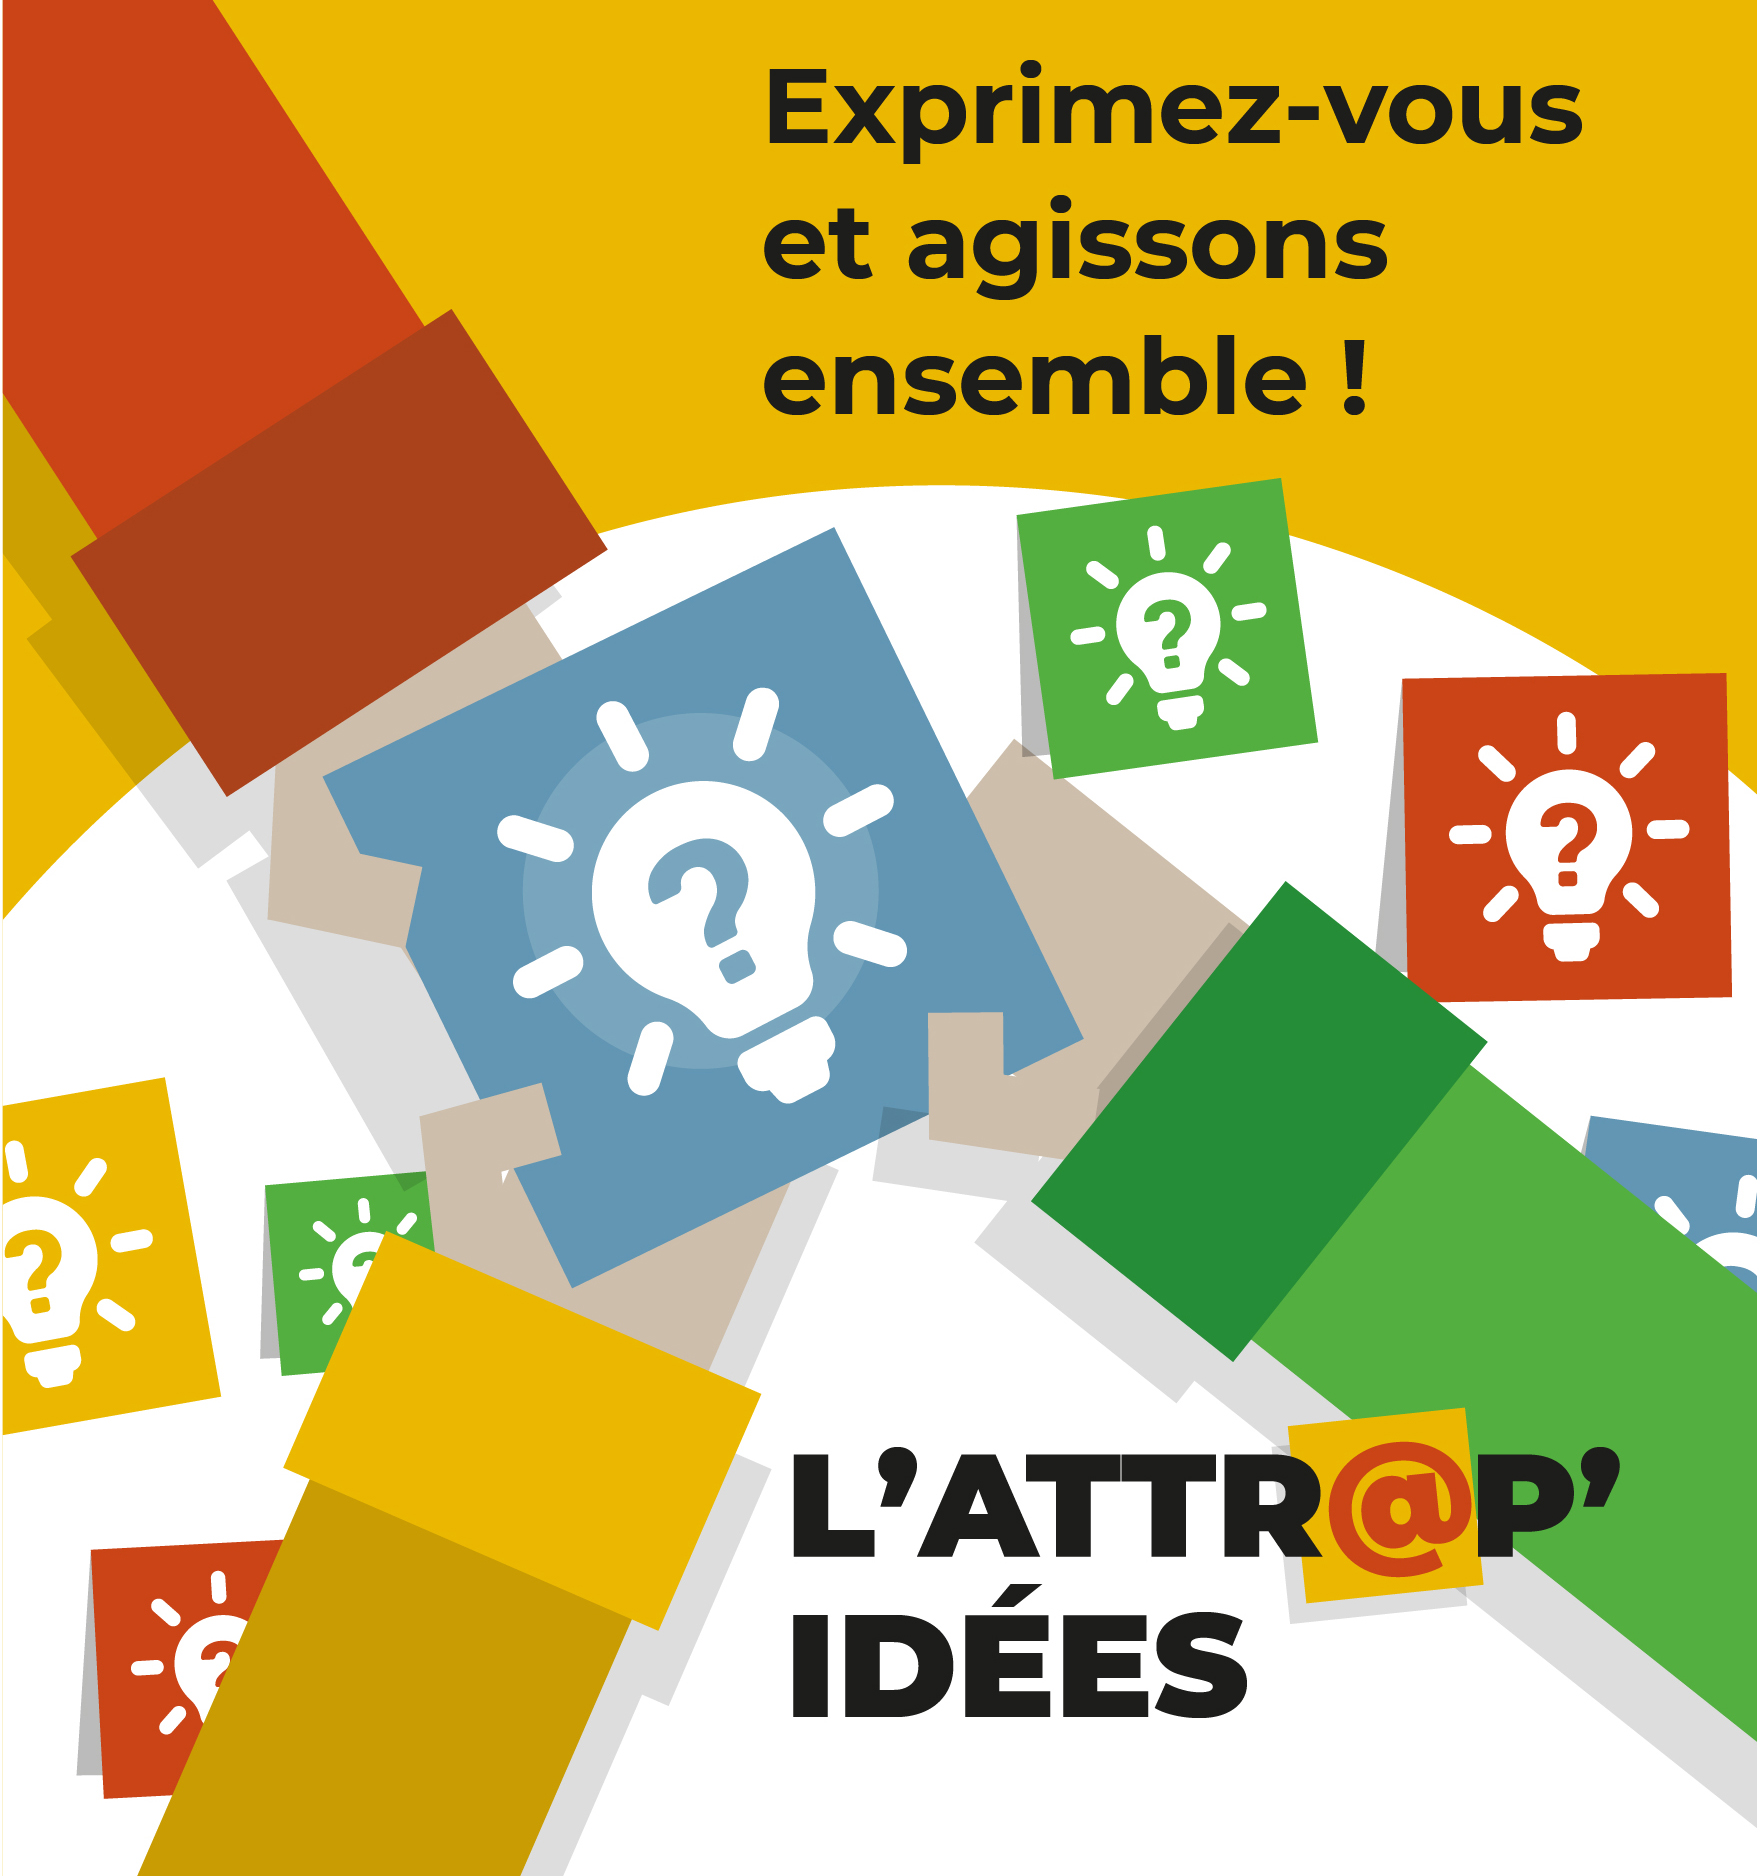 L'Attr@p'idées, exprimez-vous et agissons ensemble !